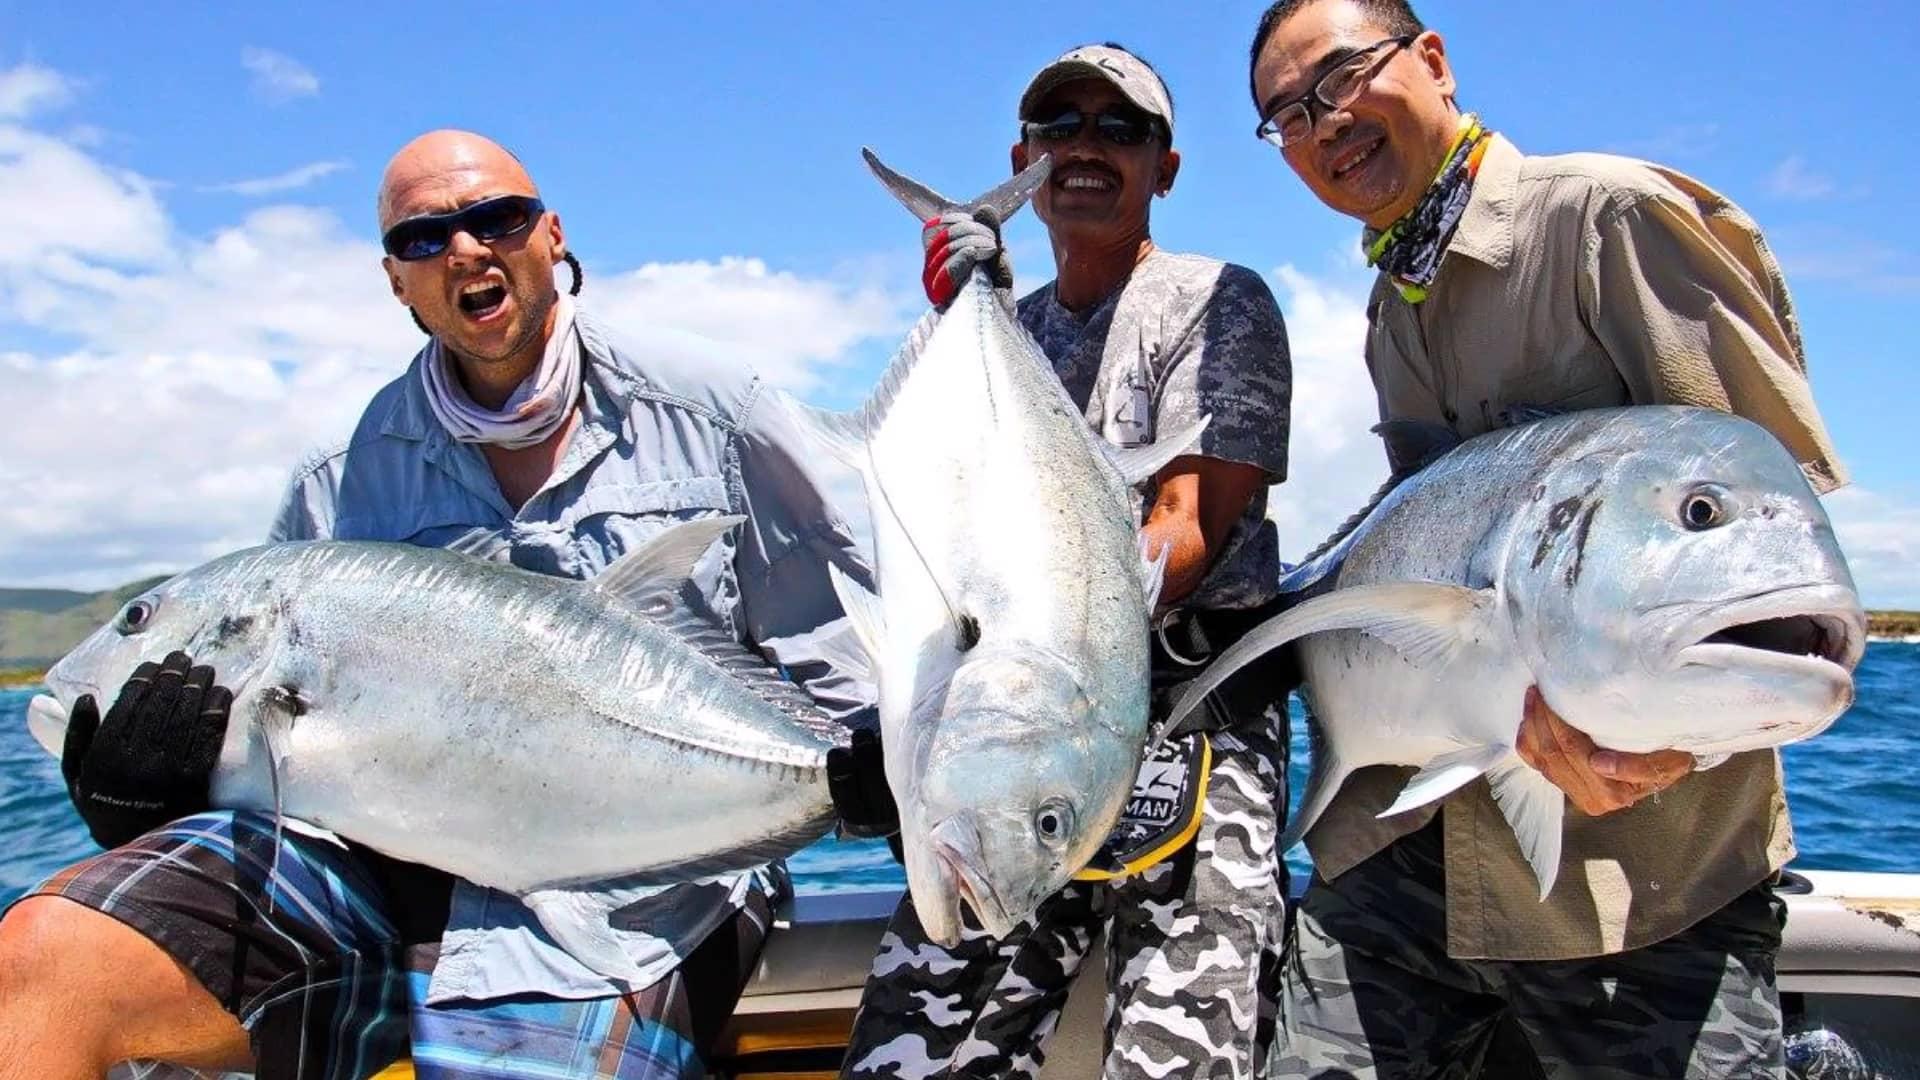 popping jigging fishing - YOEXPLORE.co.id